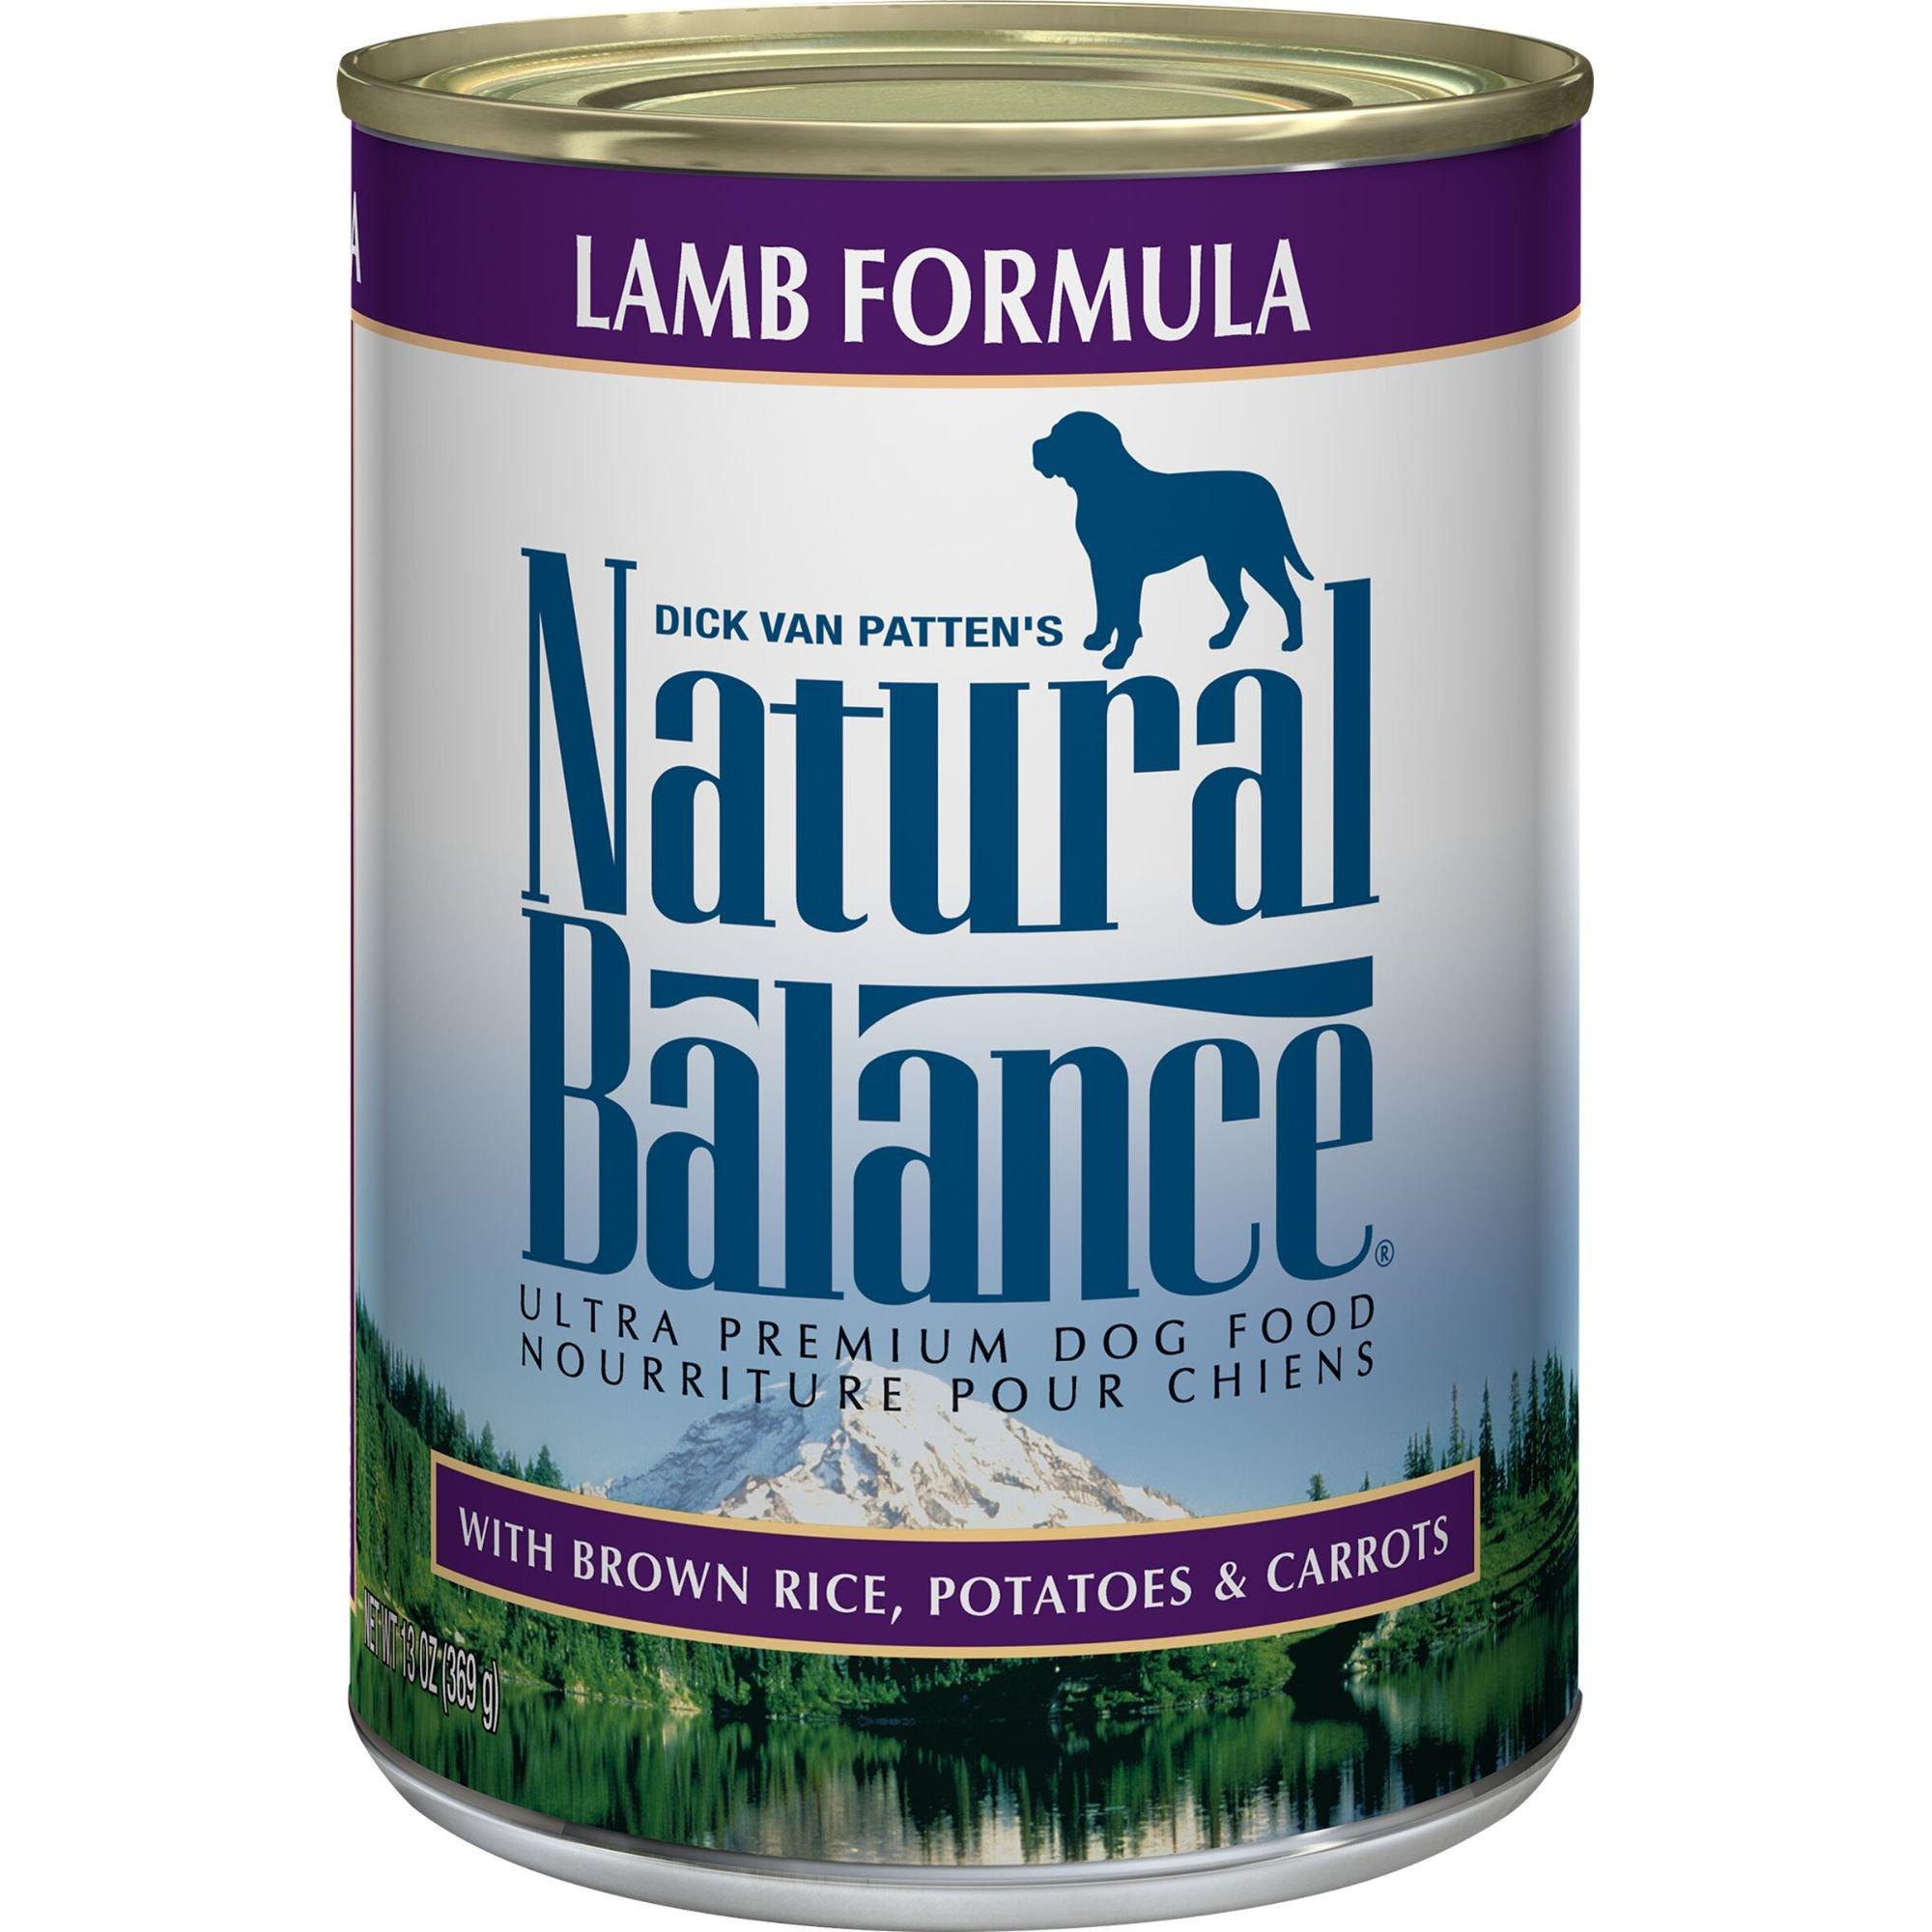 Natural Balance Premium Dog Food